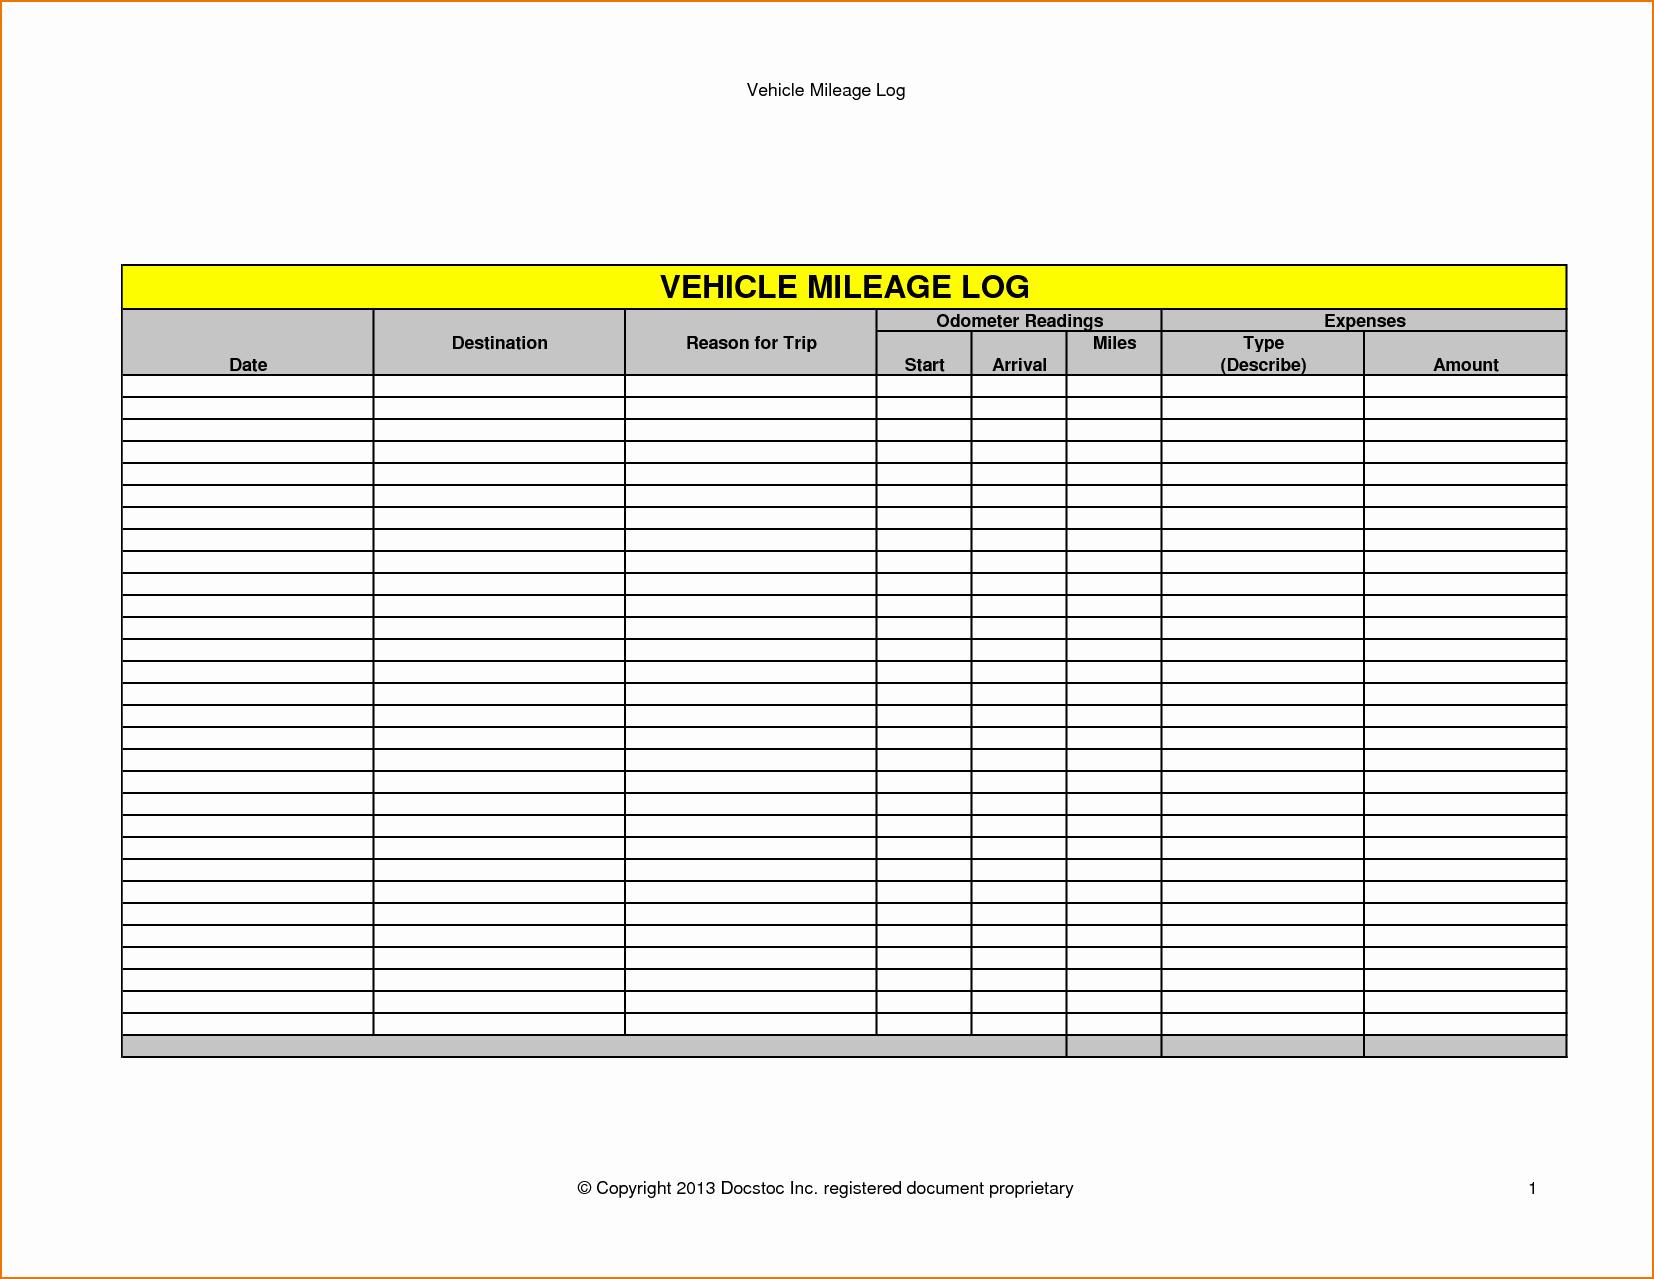 5 Vehicle Mileage Log